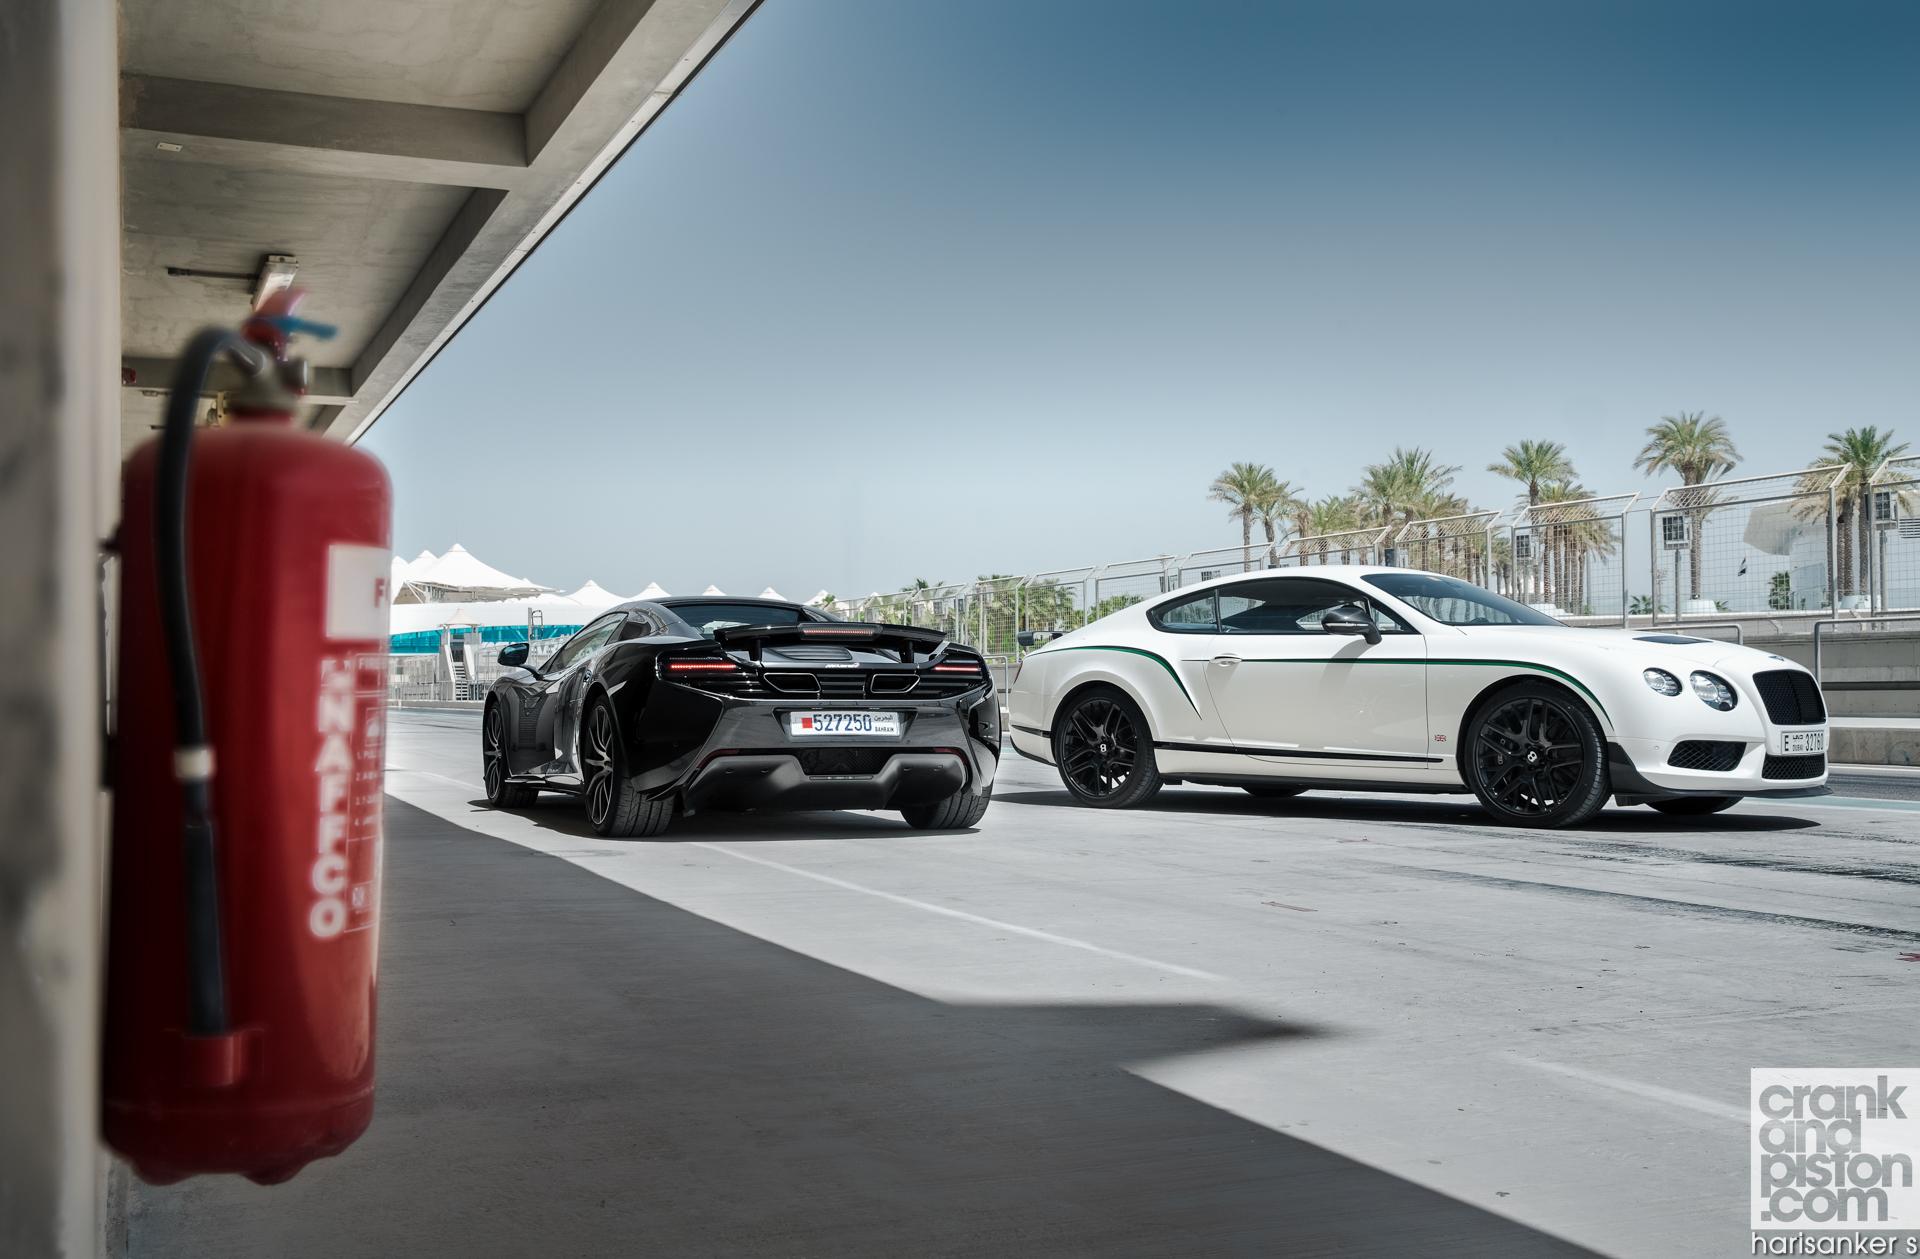 Bentley-Continental-GT3-R-vs-McLaren-650S-Spider-Wallpapers-2